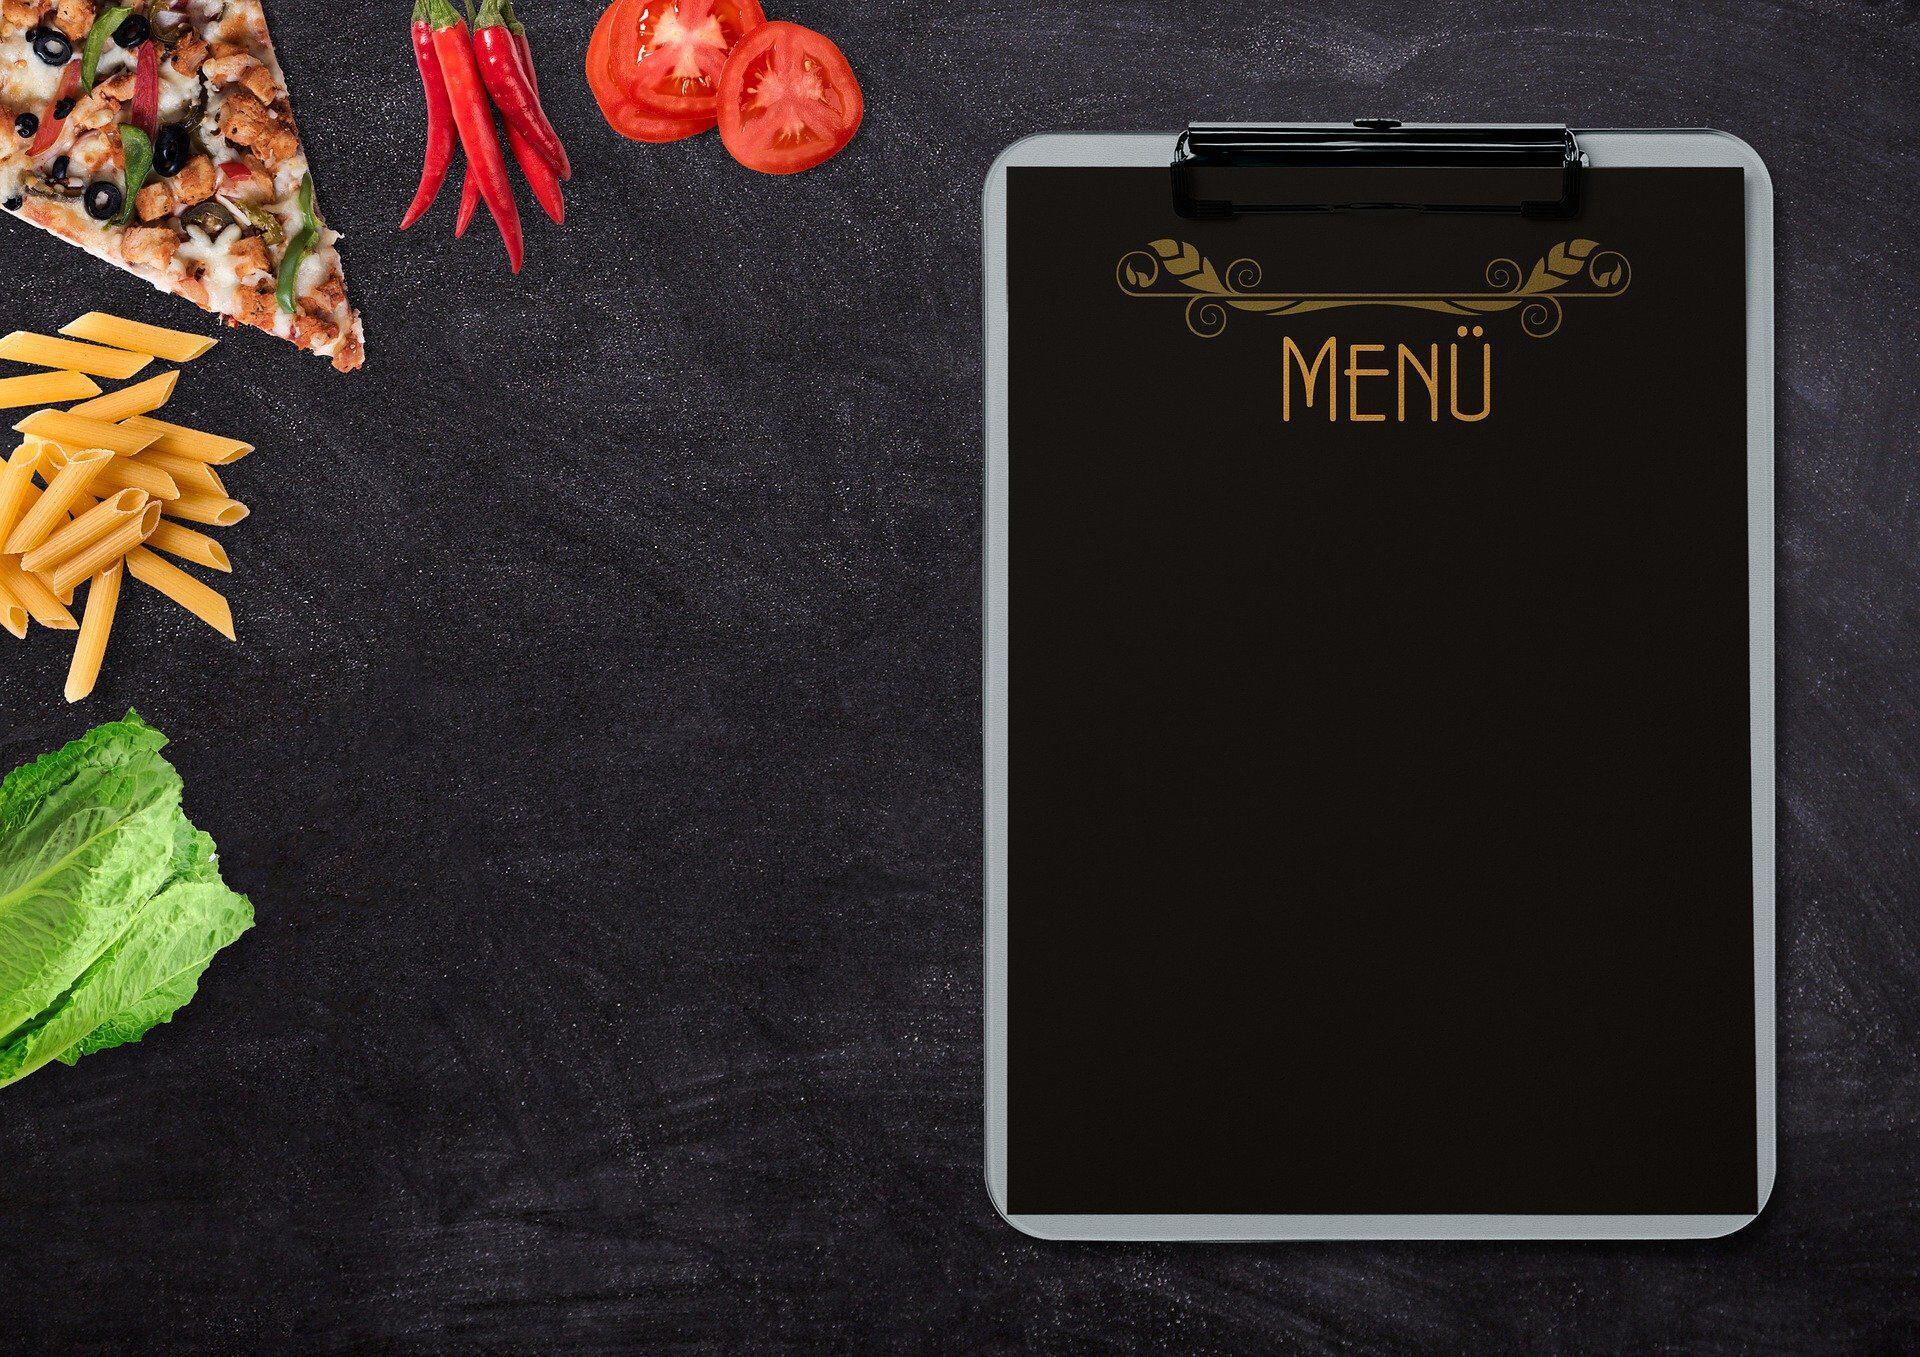 menu-3206749_1920.jpg